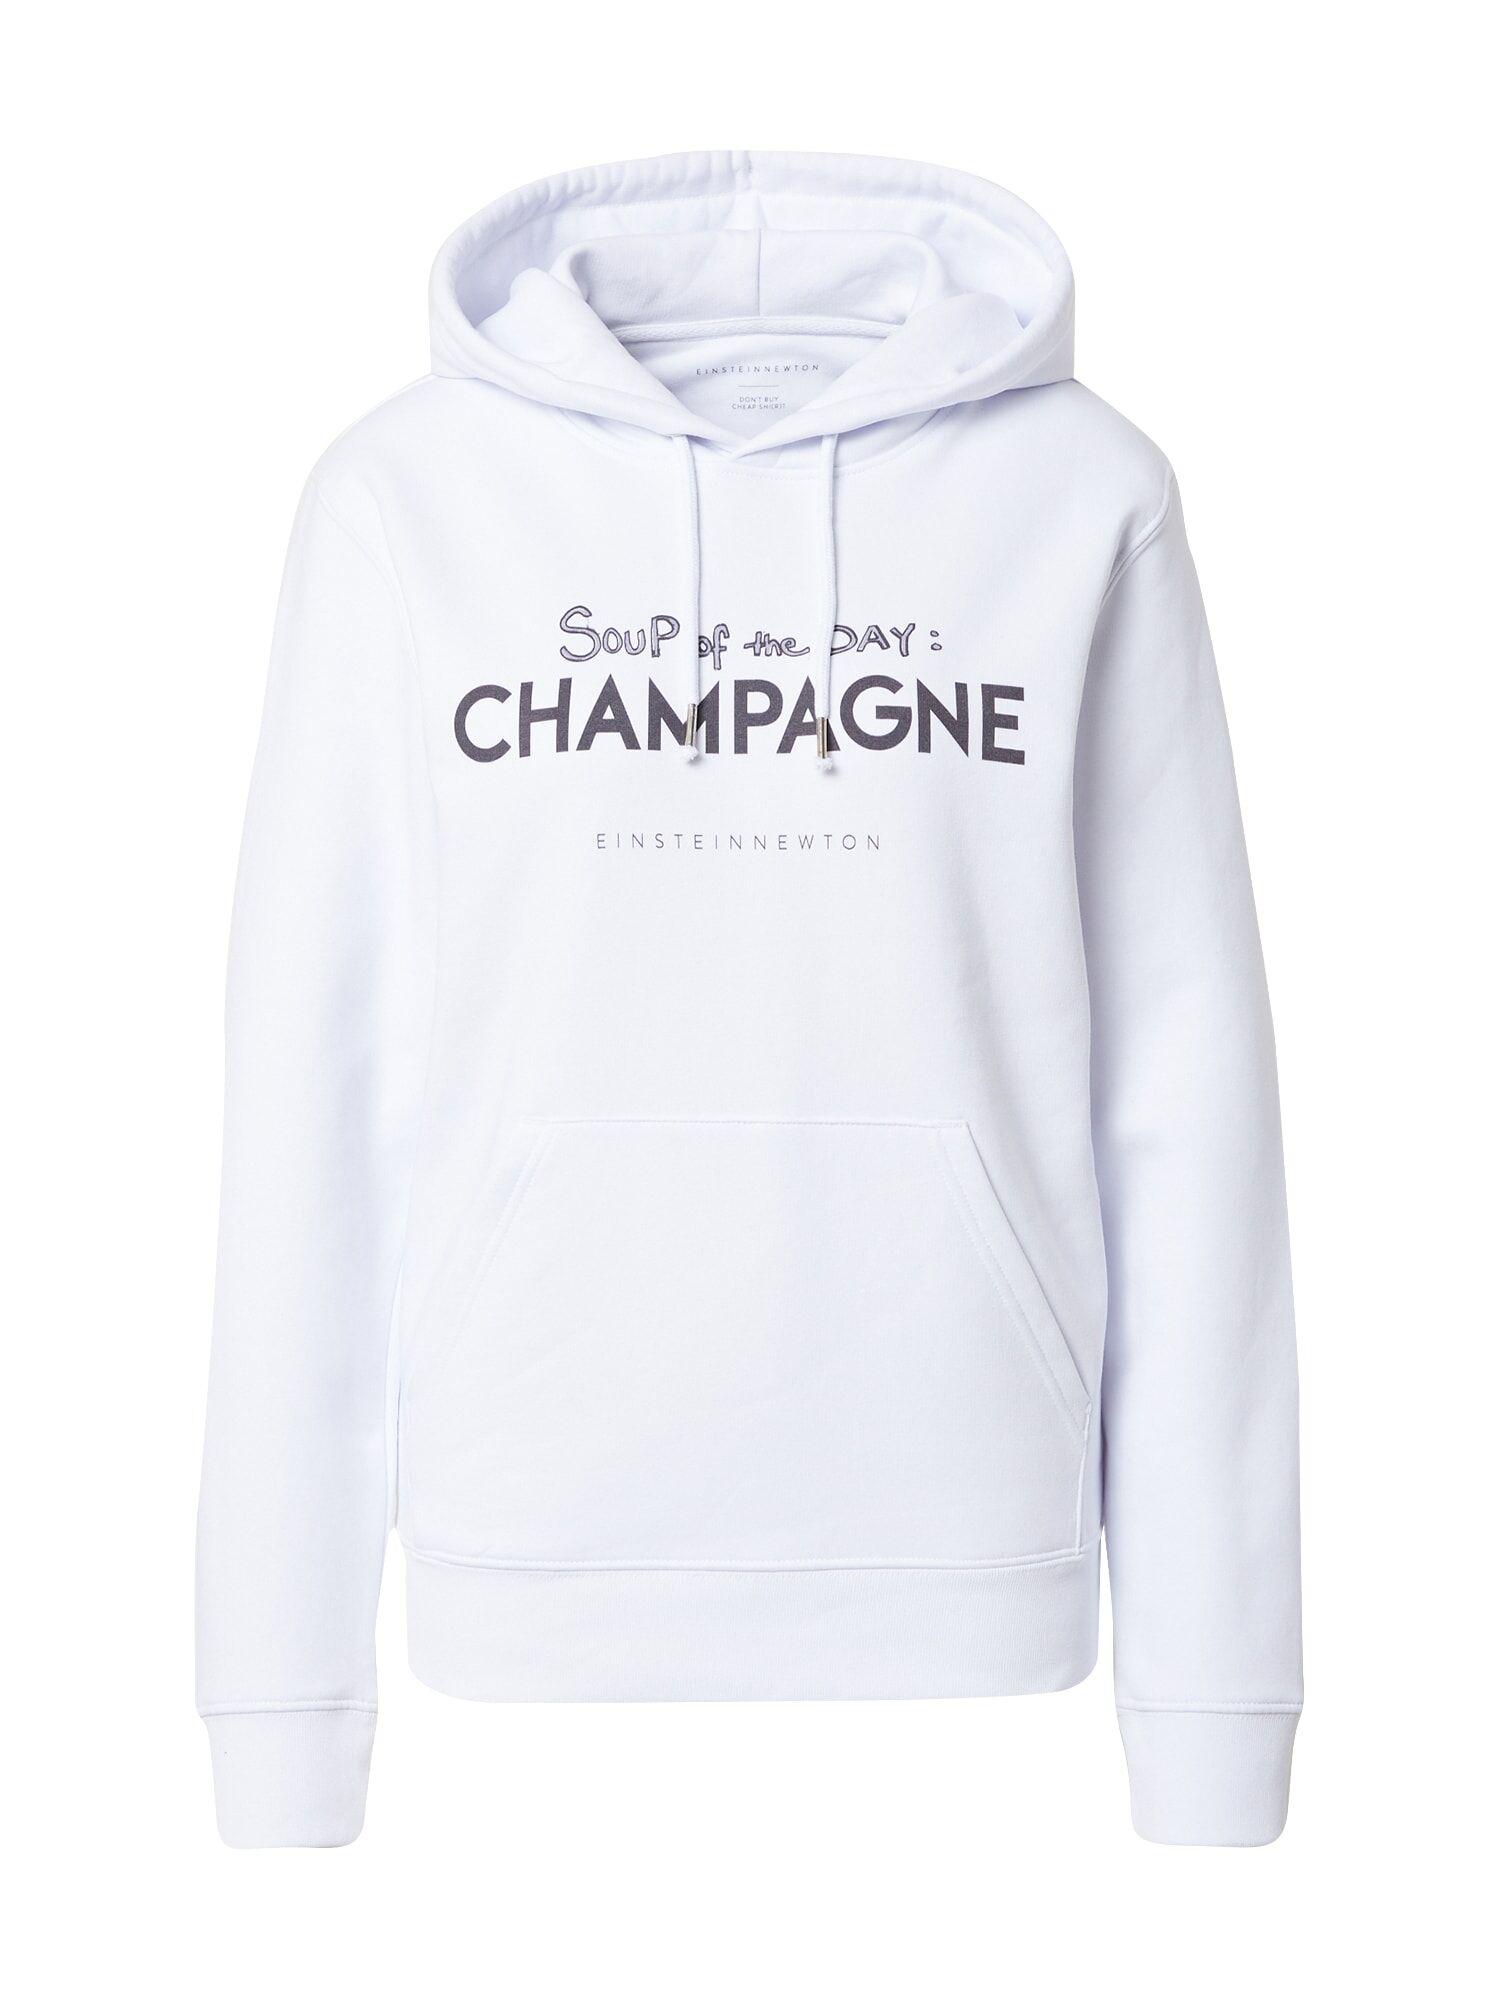 EINSTEIN & NEWTON Sweat-shirt 'Soup Brun Hilde'  - Blanc - Taille: S - female